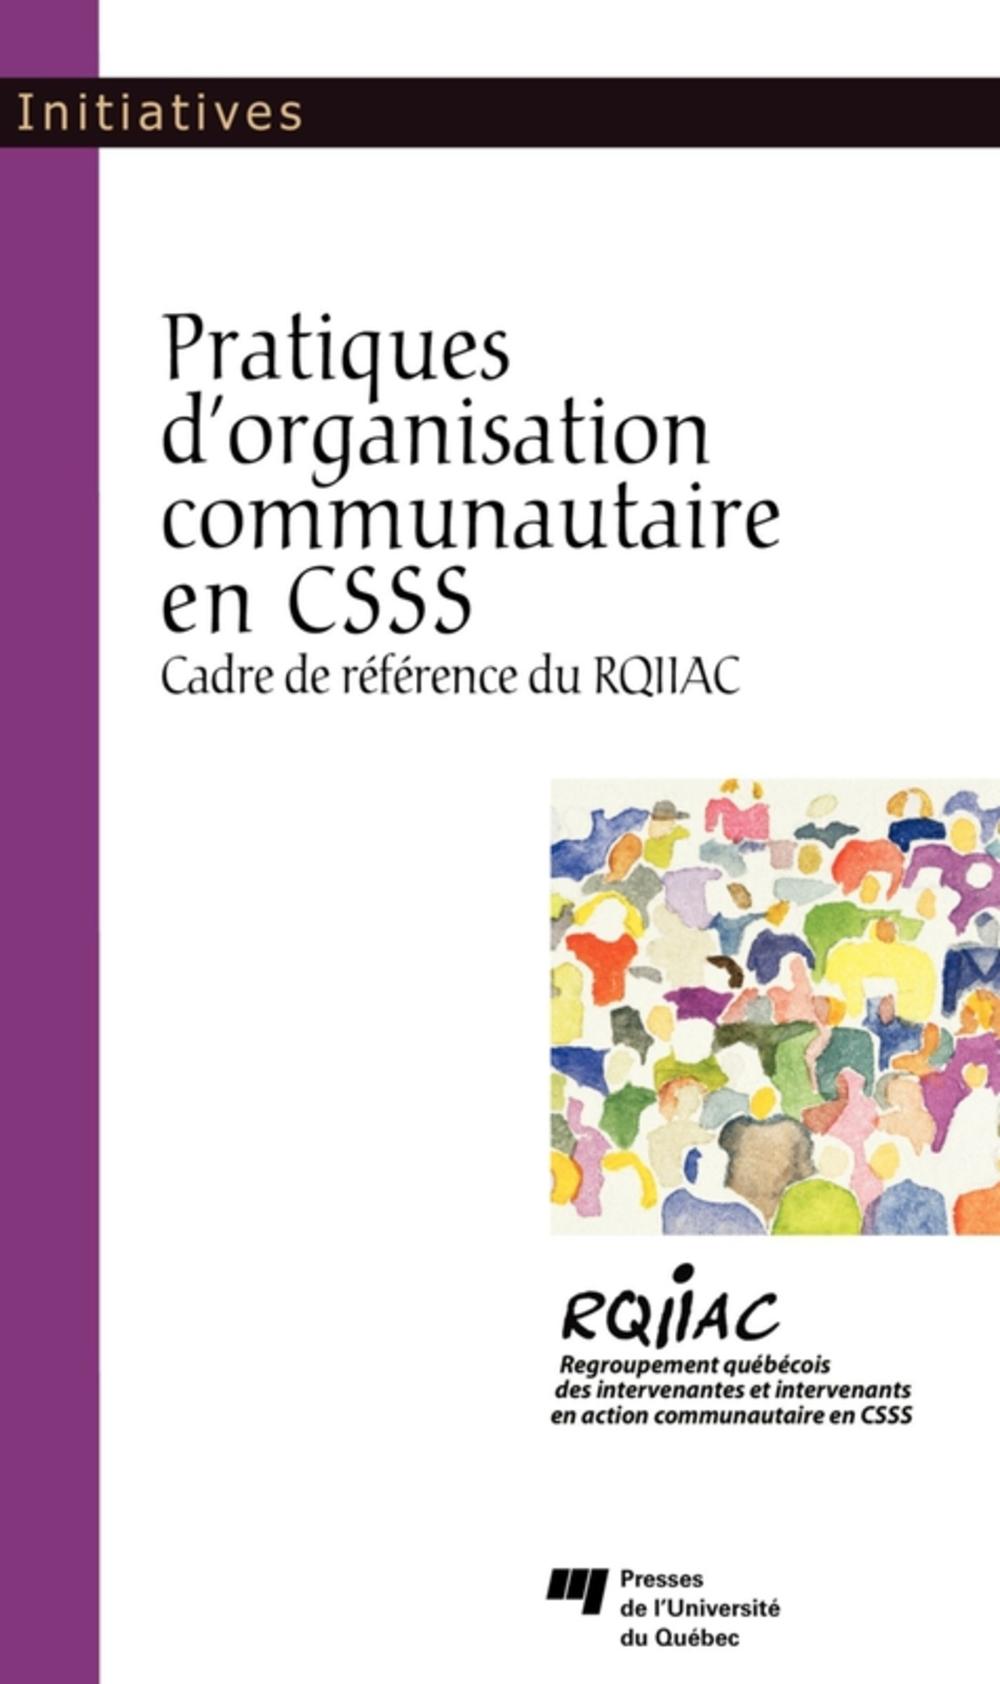 Pratiques d'organisation communautaire en CSSS